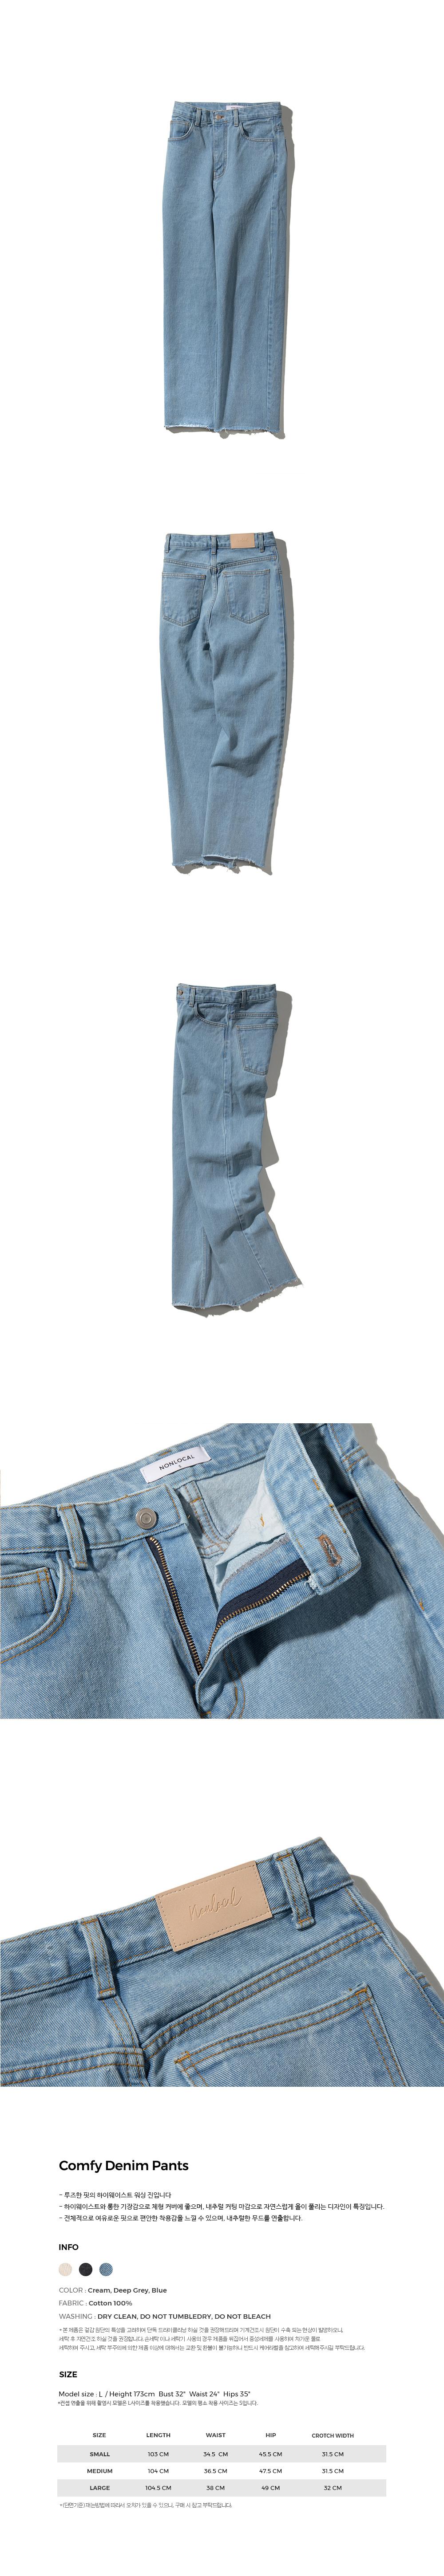 논로컬(NONLOCAL) Comfy Denim Pants - Blue